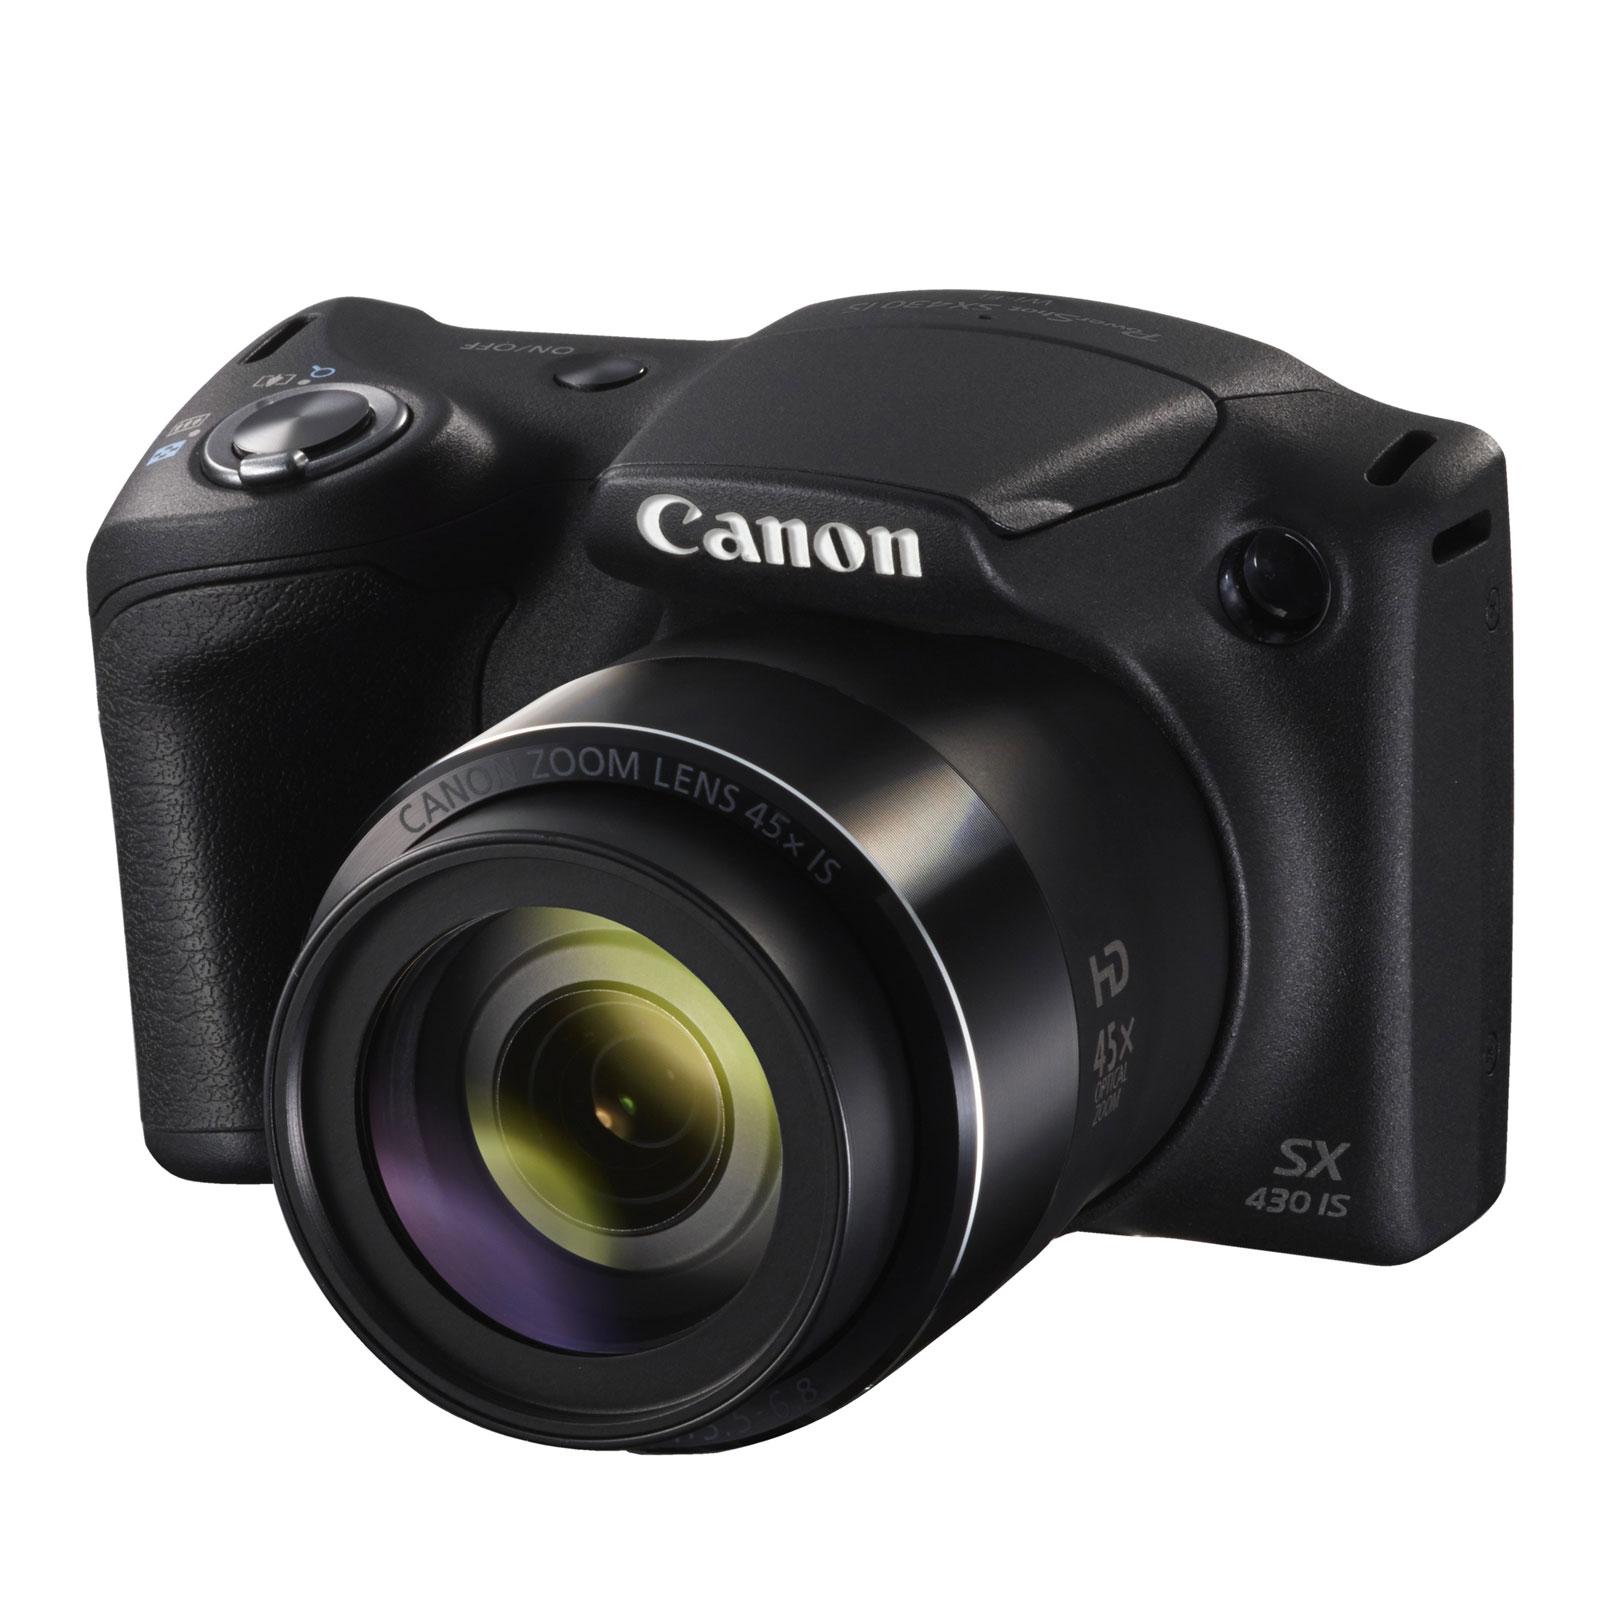 canon powershot sx430 is noir appareil photo num rique canon sur ldlc. Black Bedroom Furniture Sets. Home Design Ideas